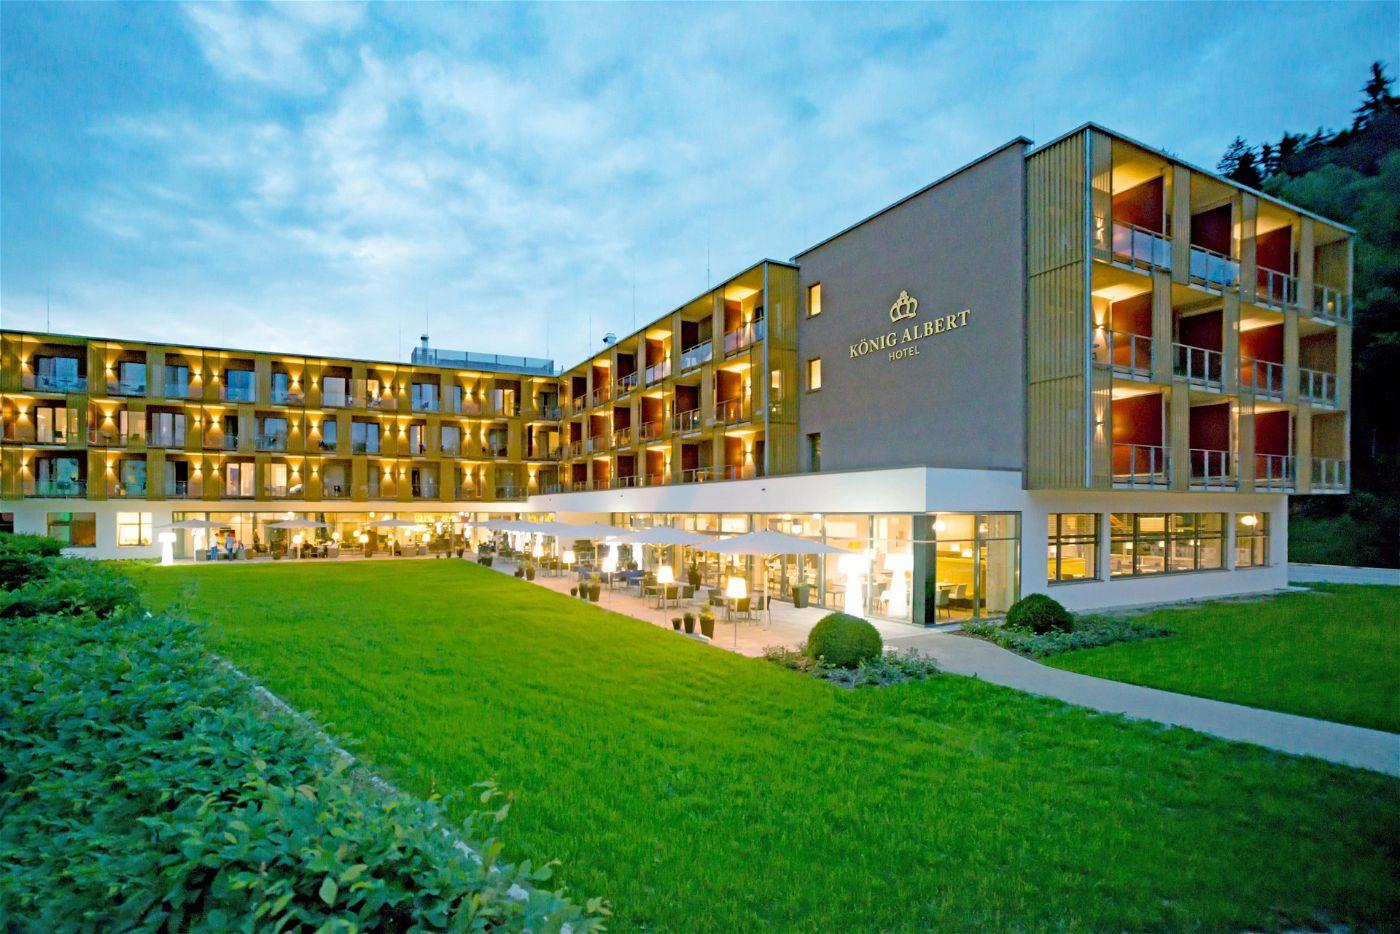 Abgeschieden, aber nicht einsam: Bad Elster ist ein kleiner Ort mit großer Geschichte.